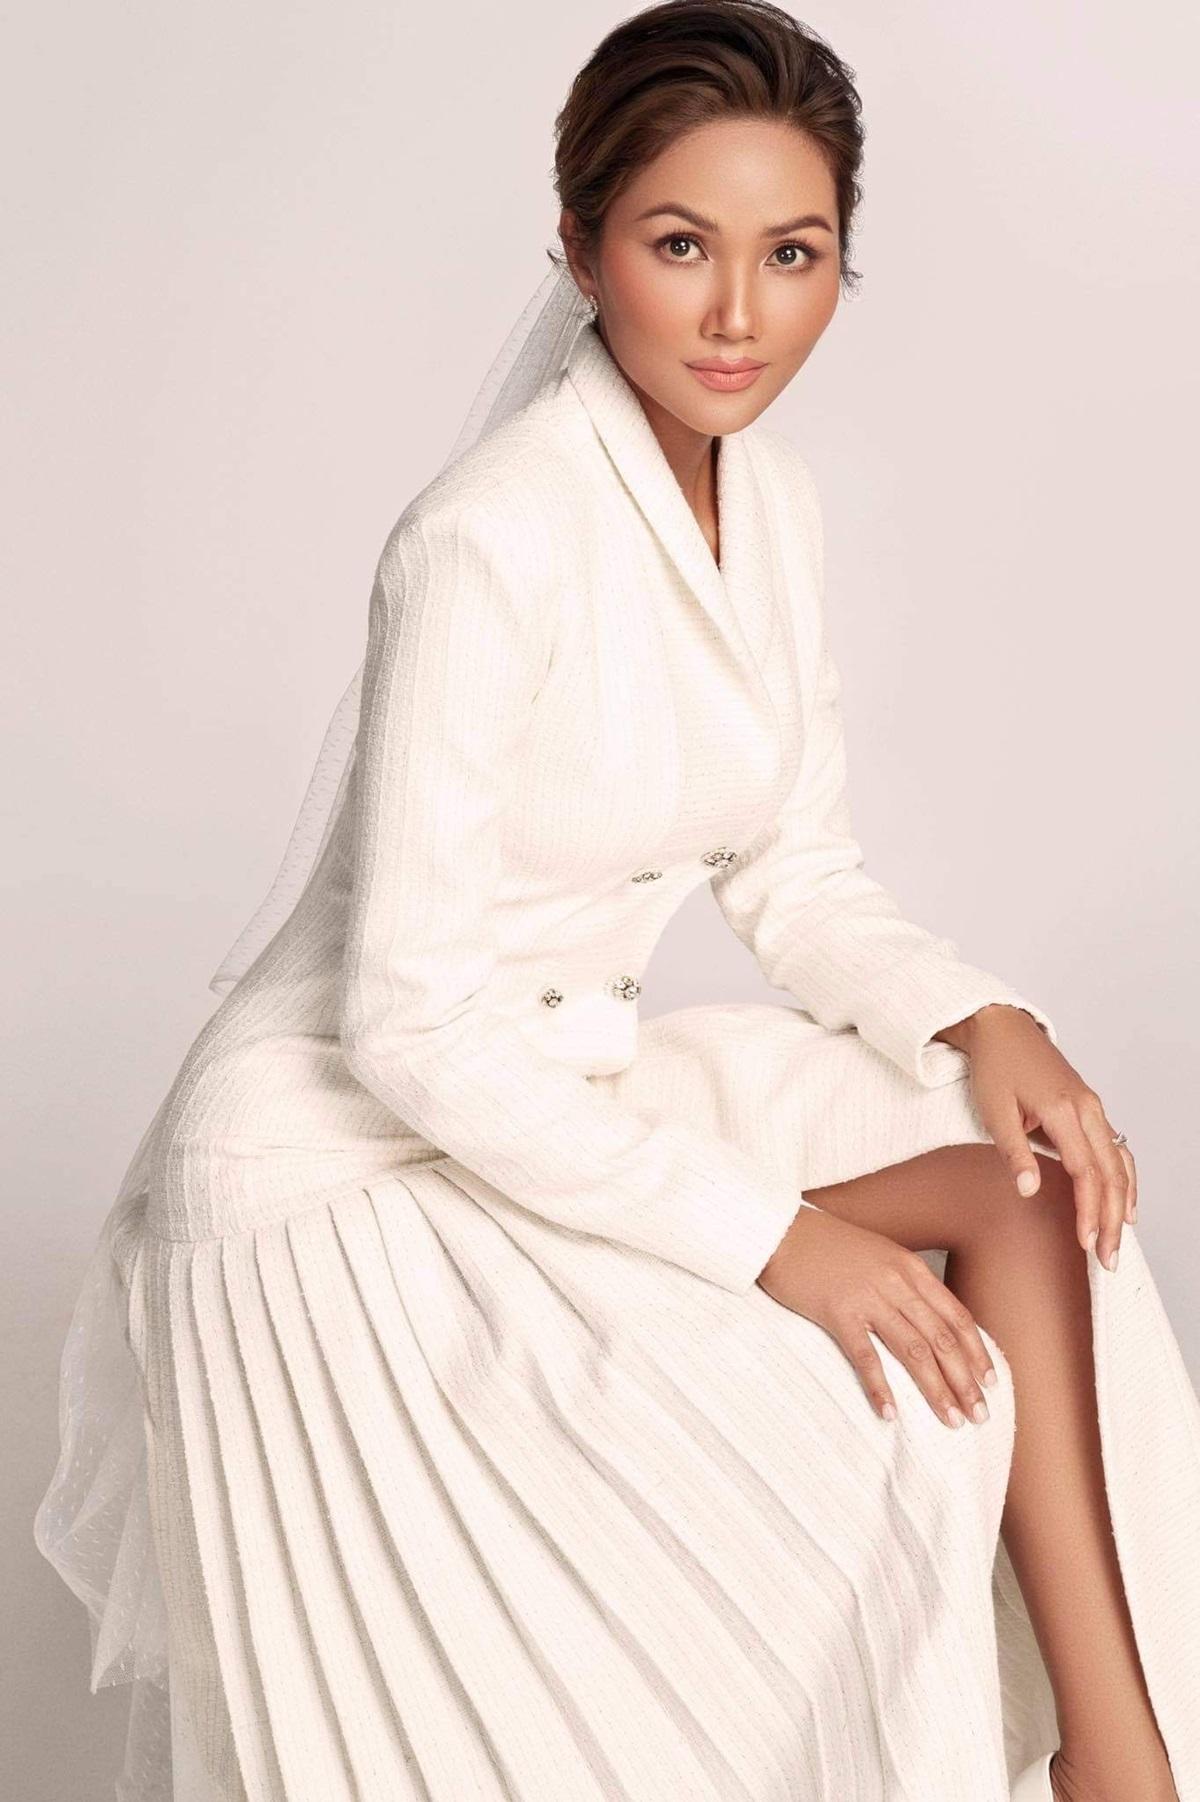 NTK Nguyễn Phương Đông cho hay: Phụ nữ thường đặt nhiều kỳ vọng vào chiếc váy cưới trong khoảnh khắc quan trọng nhất đời mình. Khoác lên mình chiếc váy cưới gợi cảm, tôn dáng khiến họ thấy thoải mái và tự tin. Khi đó, họ được là chính mình, ở phiên bản hoàn hảo, xinh đẹp và hạnh phúc nhất.